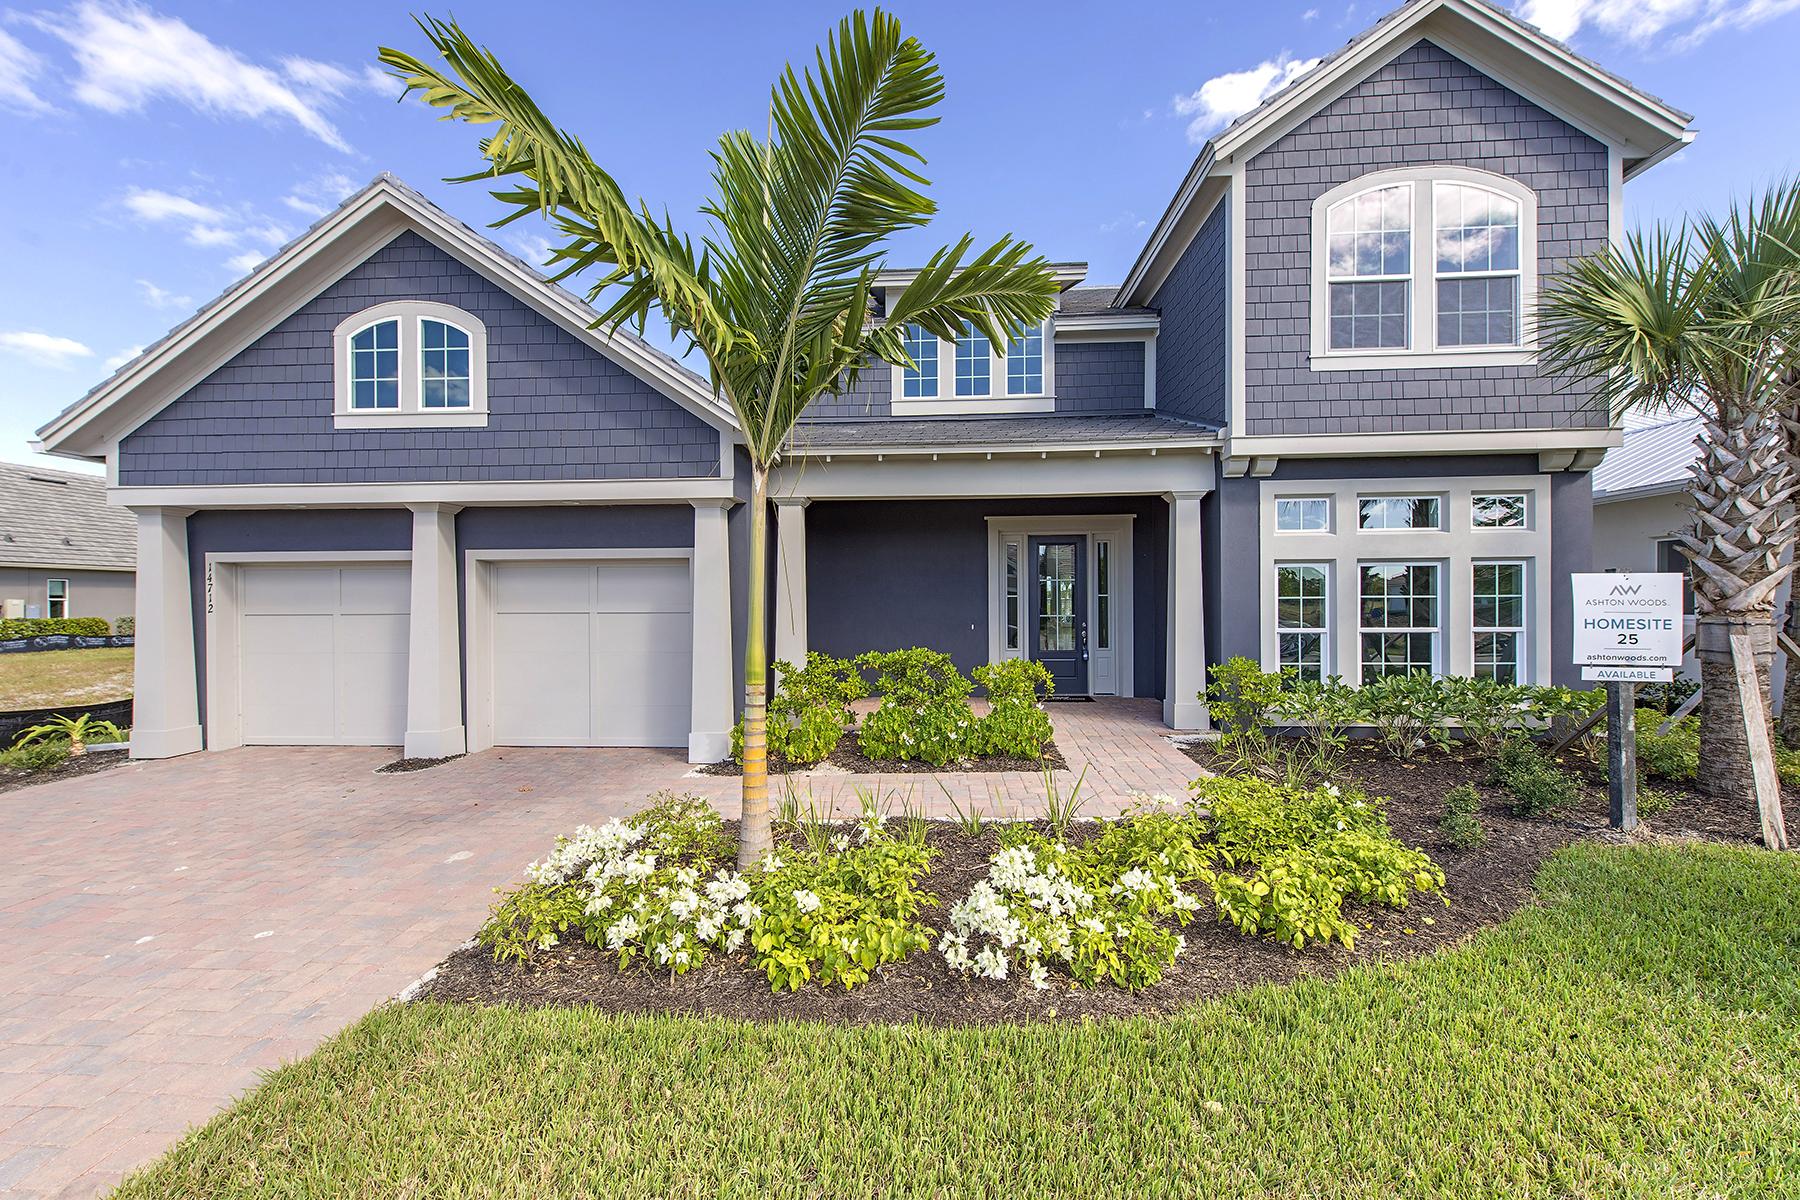 一戸建て のために 売買 アット NAPLES RESERVE - SAVANNAH LAKES 14712 Windward Pl Naples, フロリダ, 34114 アメリカ合衆国